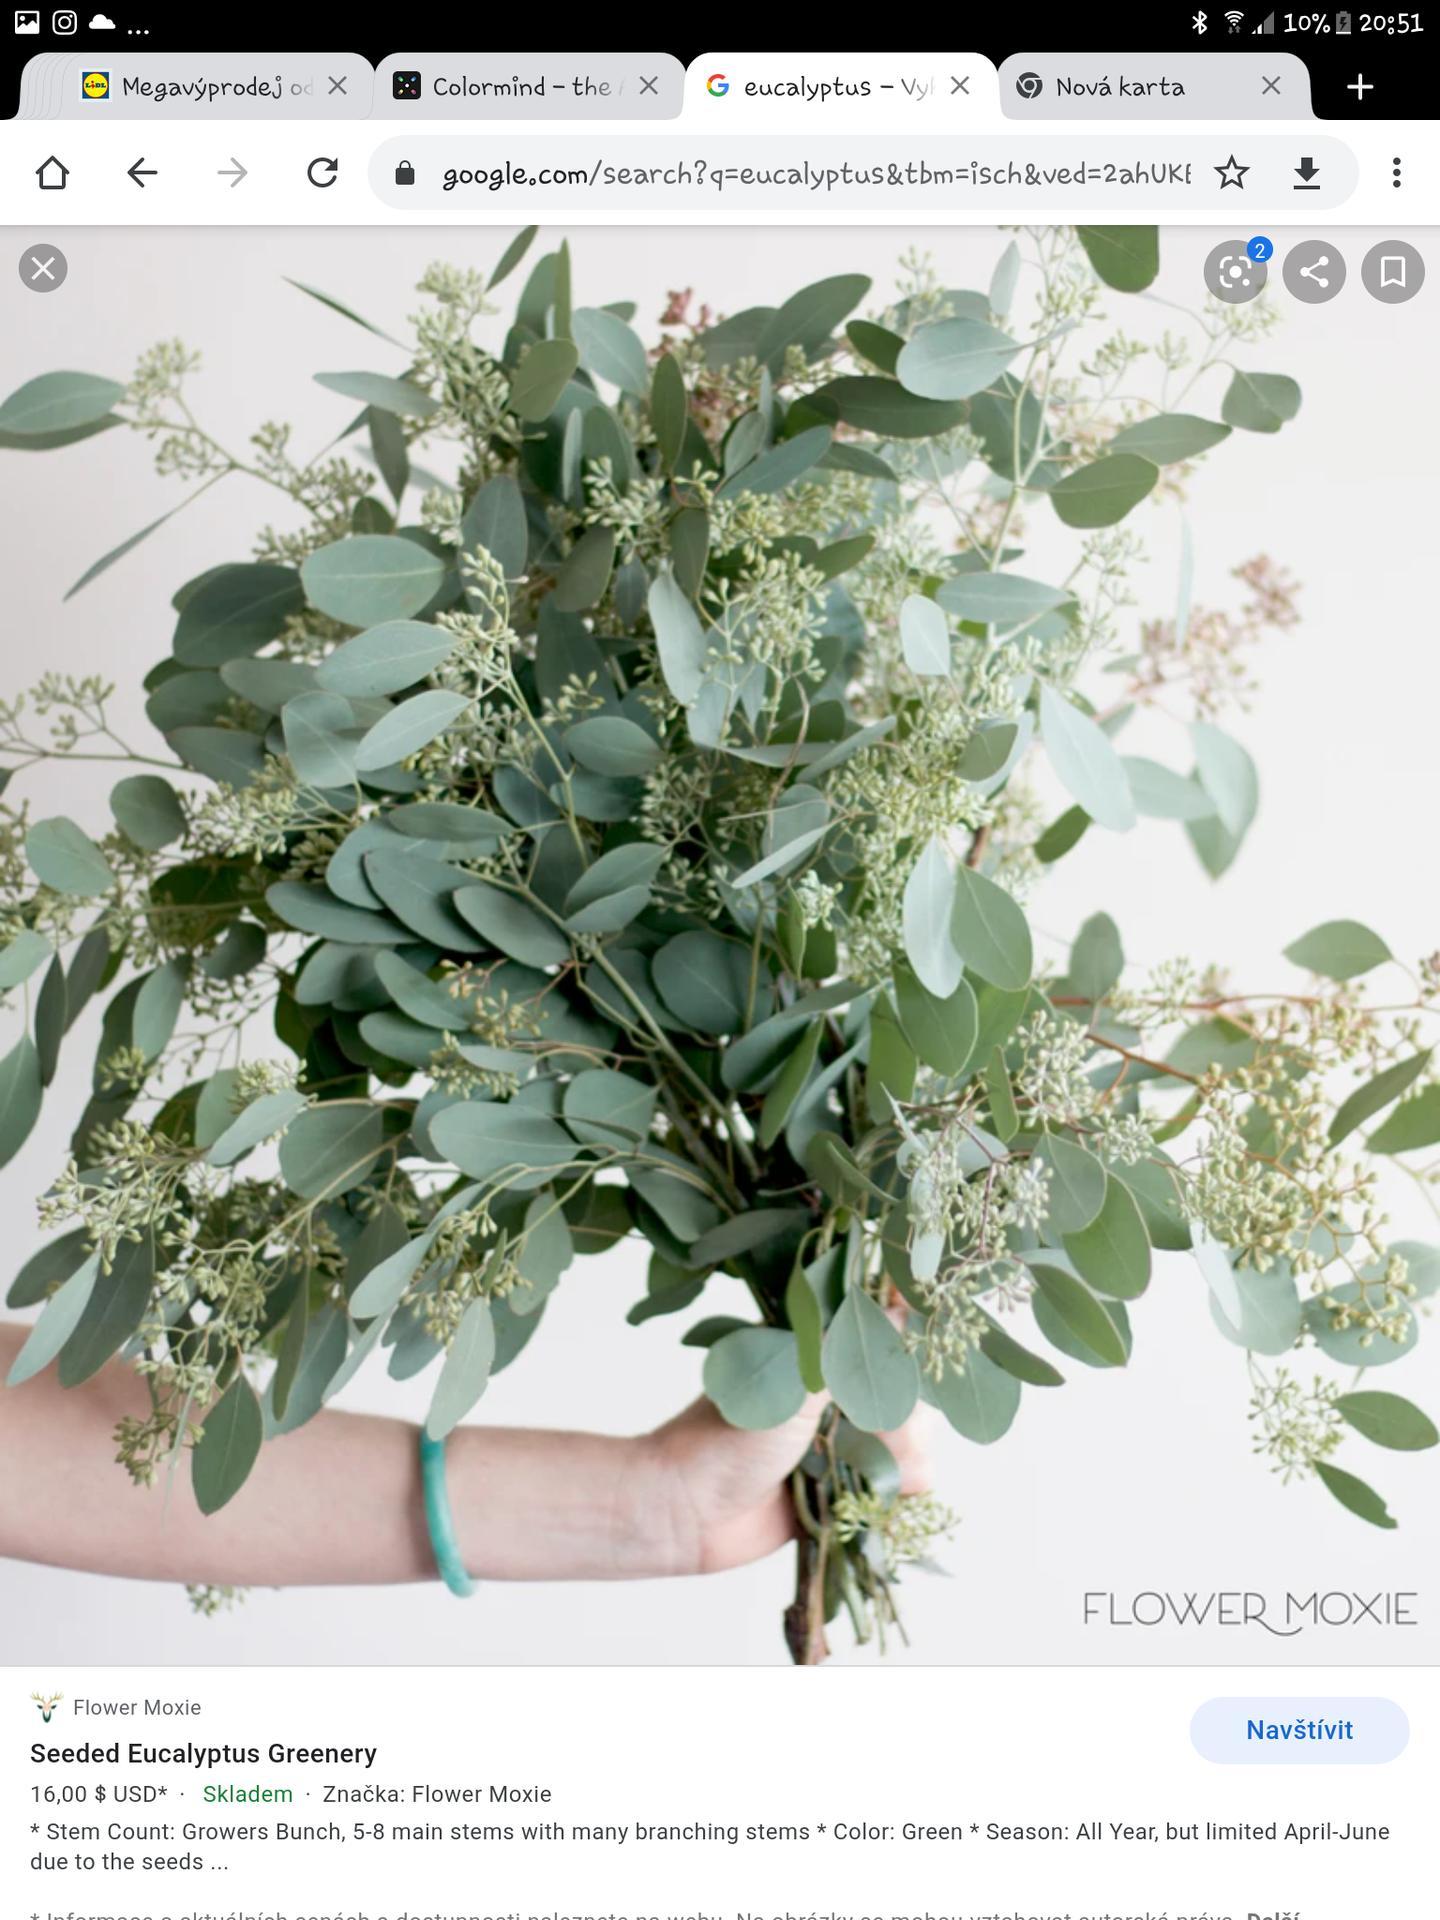 Moje představy - Tento eukalyptus